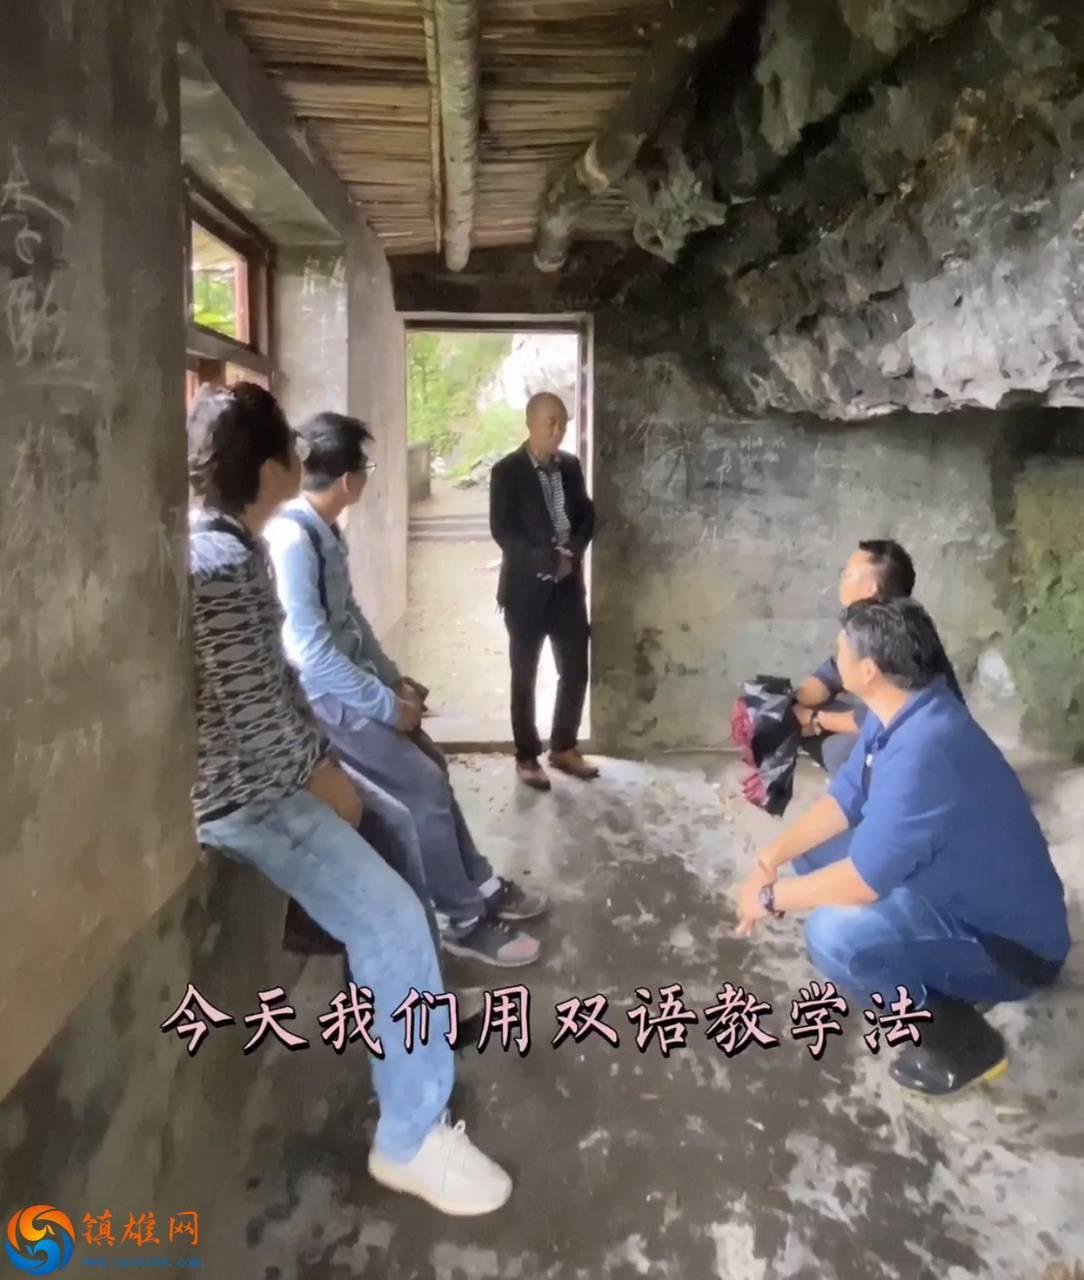 """『镇雄方言双语教学』系列:解放军的""""改""""……"""